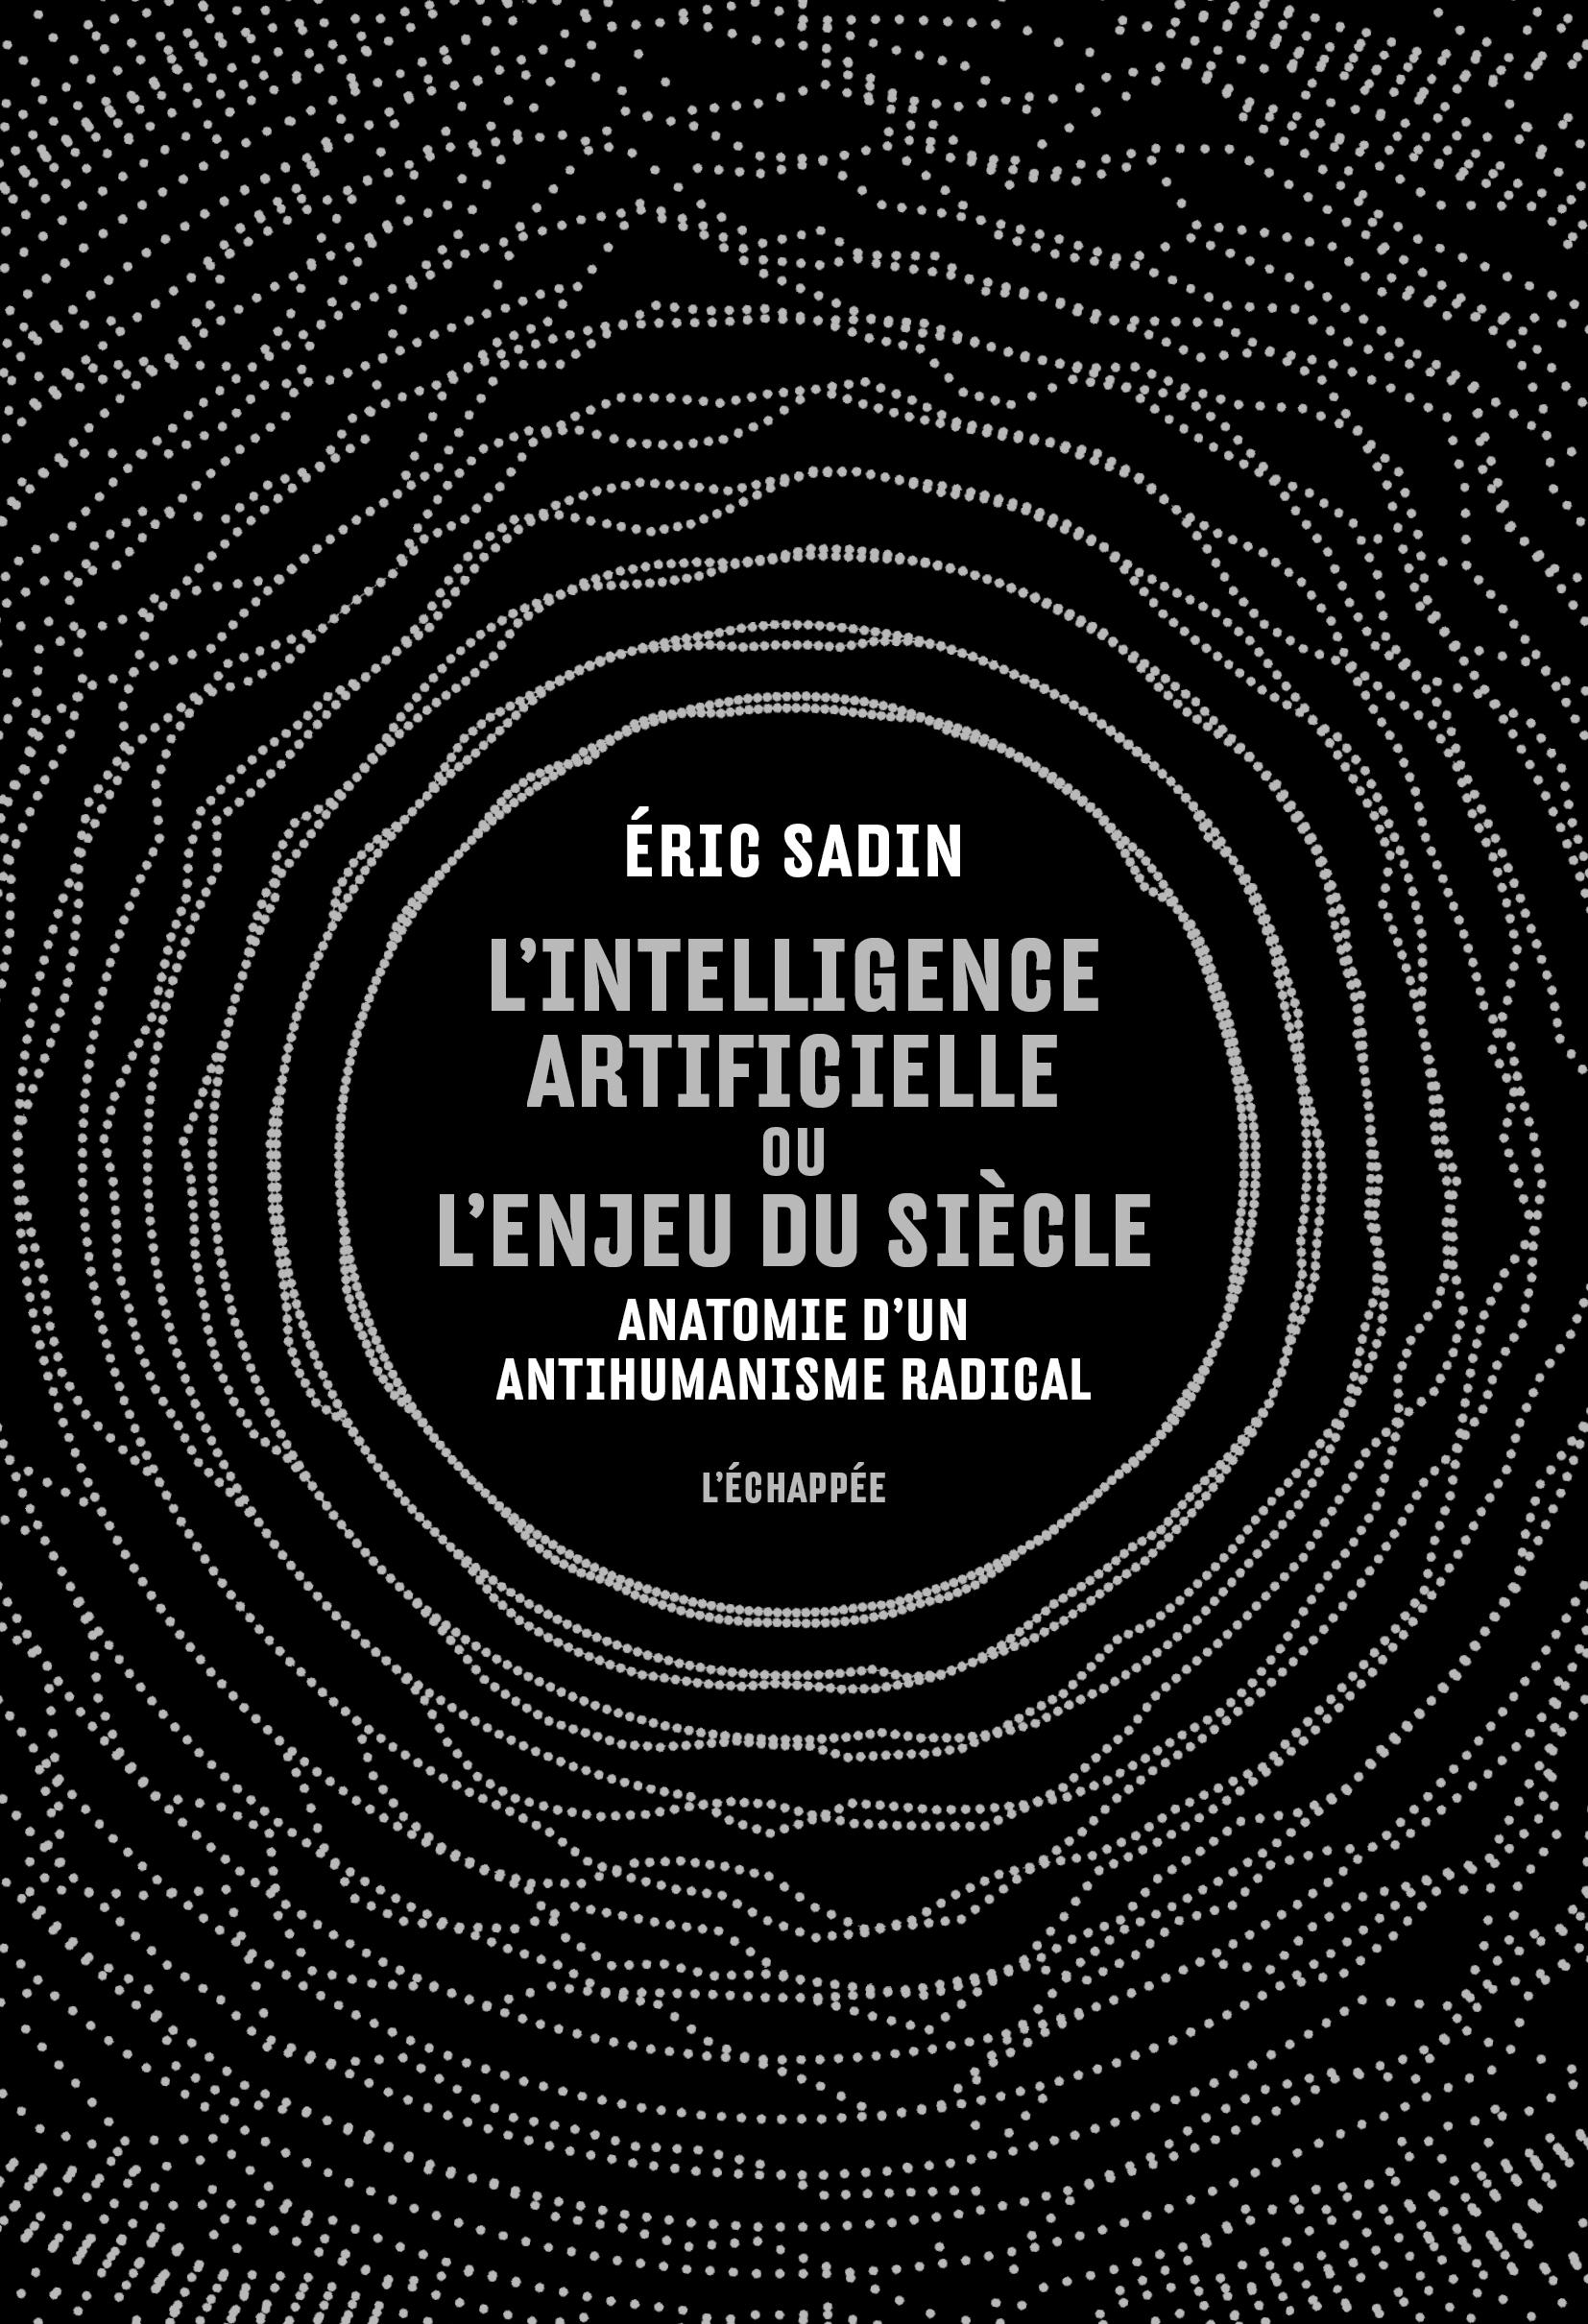 L' INTELLIGENCE ARTIFICIELLE OU L ENJEU DU SIECLE - ANATOMIE D UN ANTIHUMANISME RADICAL